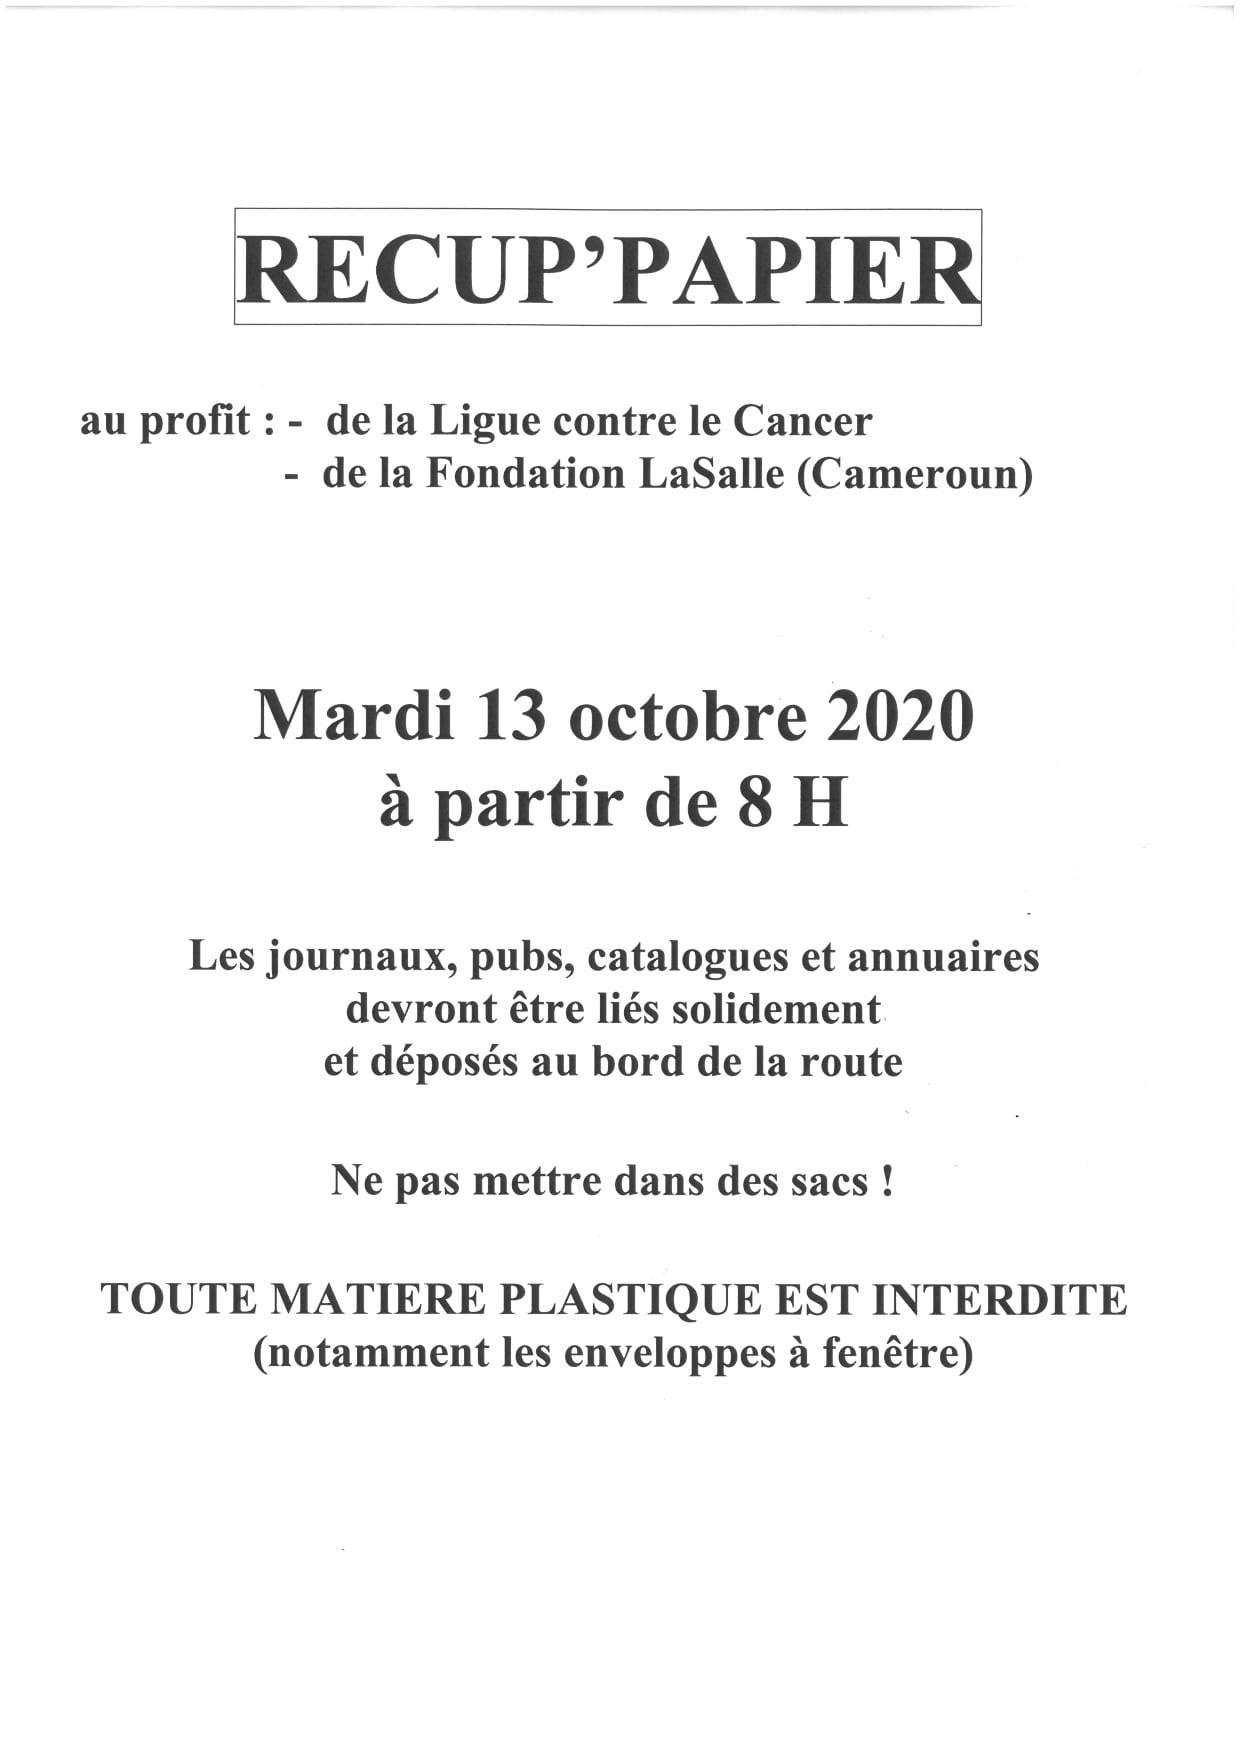 Récup_papier.jpg